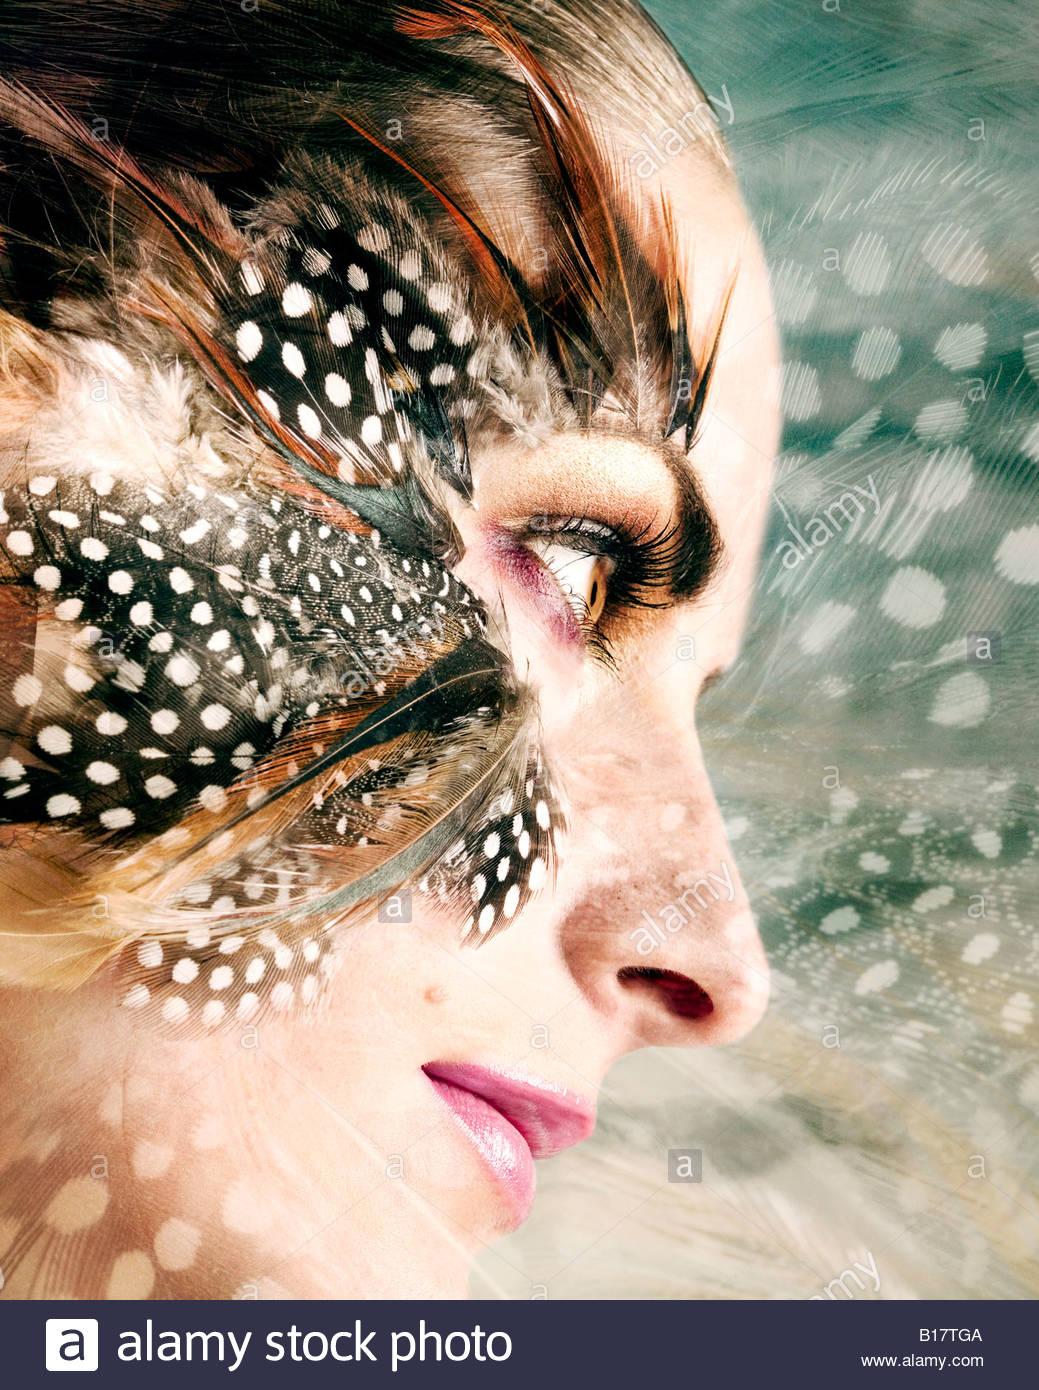 Mujer joven con plumas alrededor de sus ojos Imagen De Stock